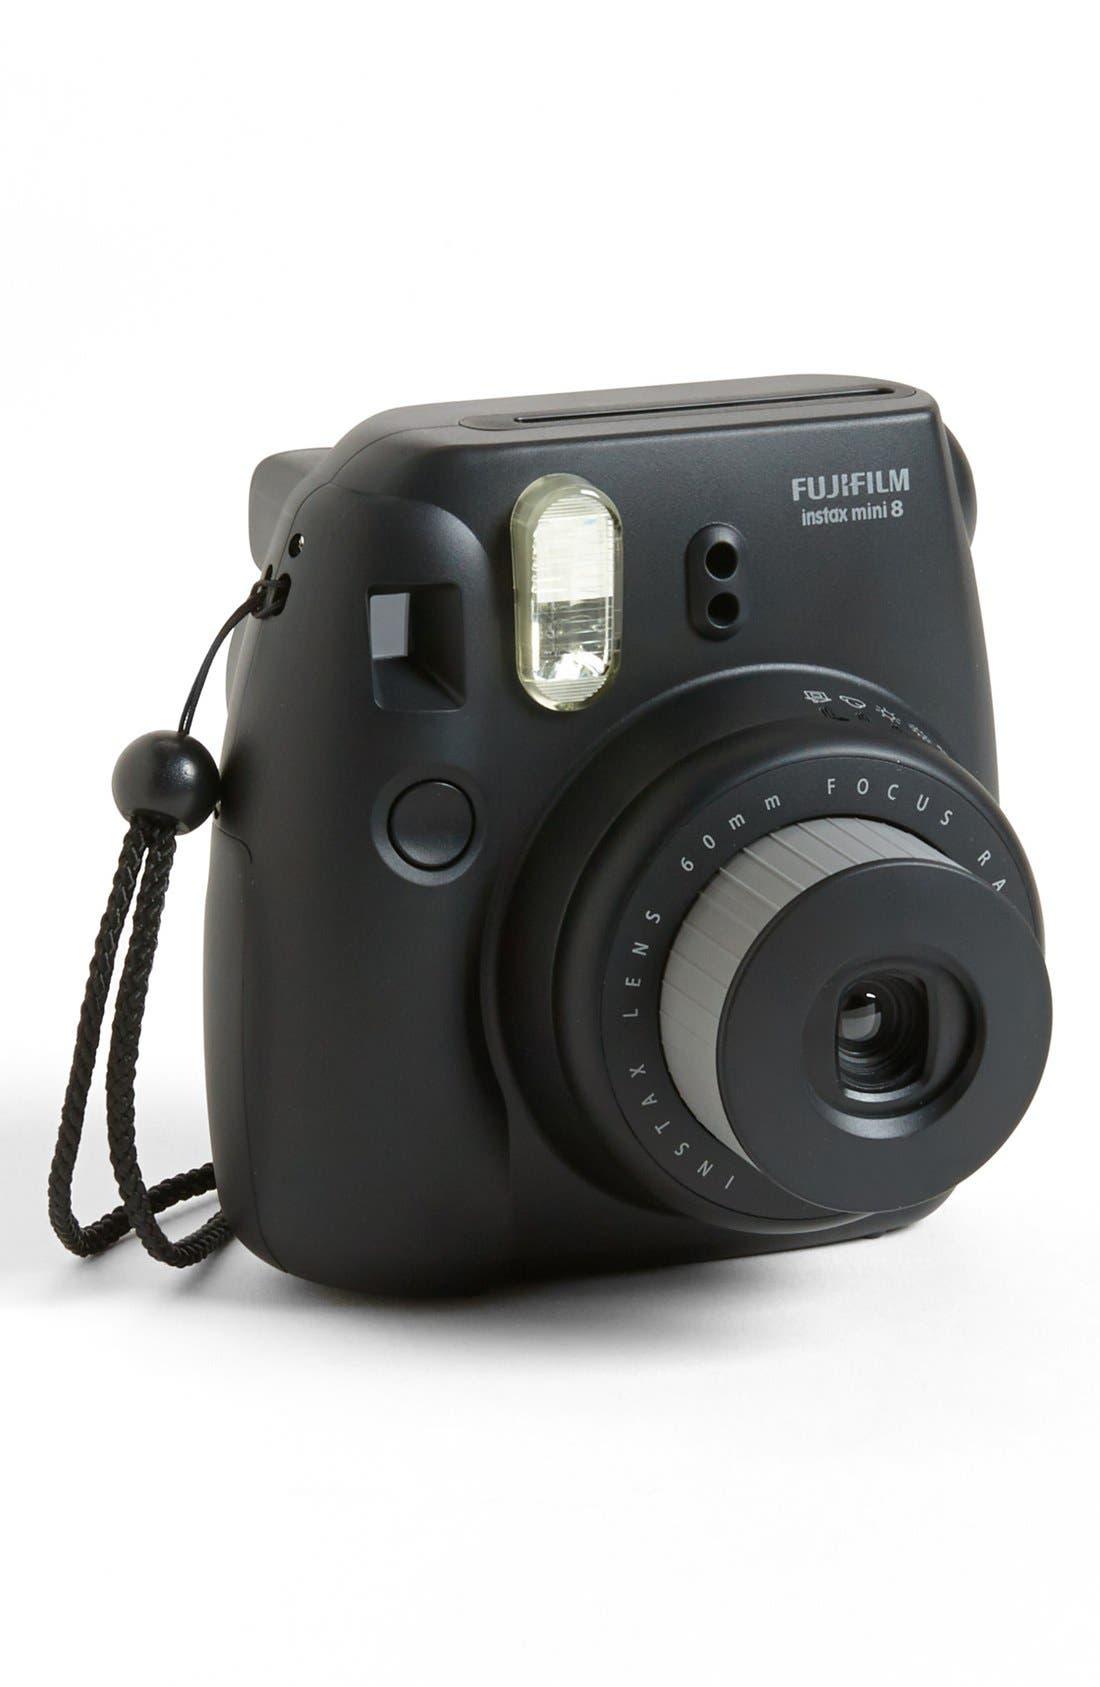 Main Image - Fujifilm 'instax mini 8' Instant Film Camera